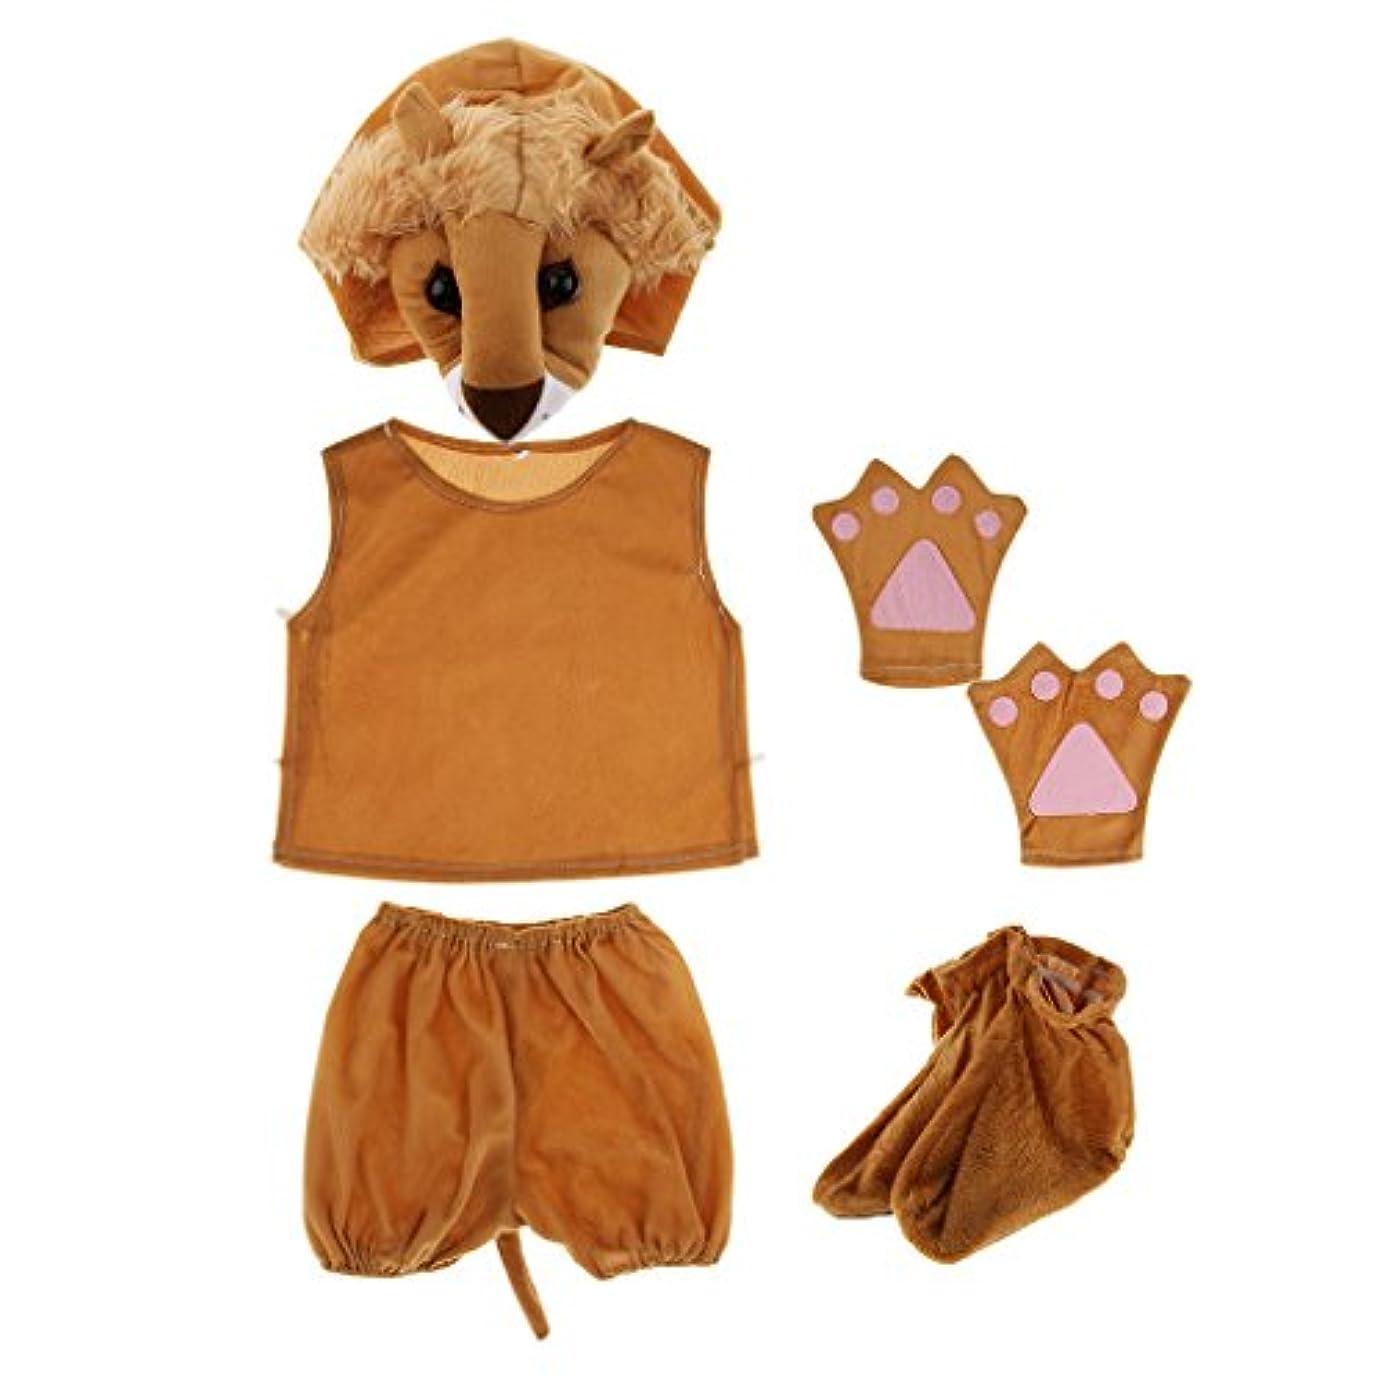 ブレンド哀れな王子sharprepublic キッズ 子供 衣装キット 動物のコスチューム 帽子 シャツ 手袋 靴 舞台劇 コスプレ 全20種類 - ライオン